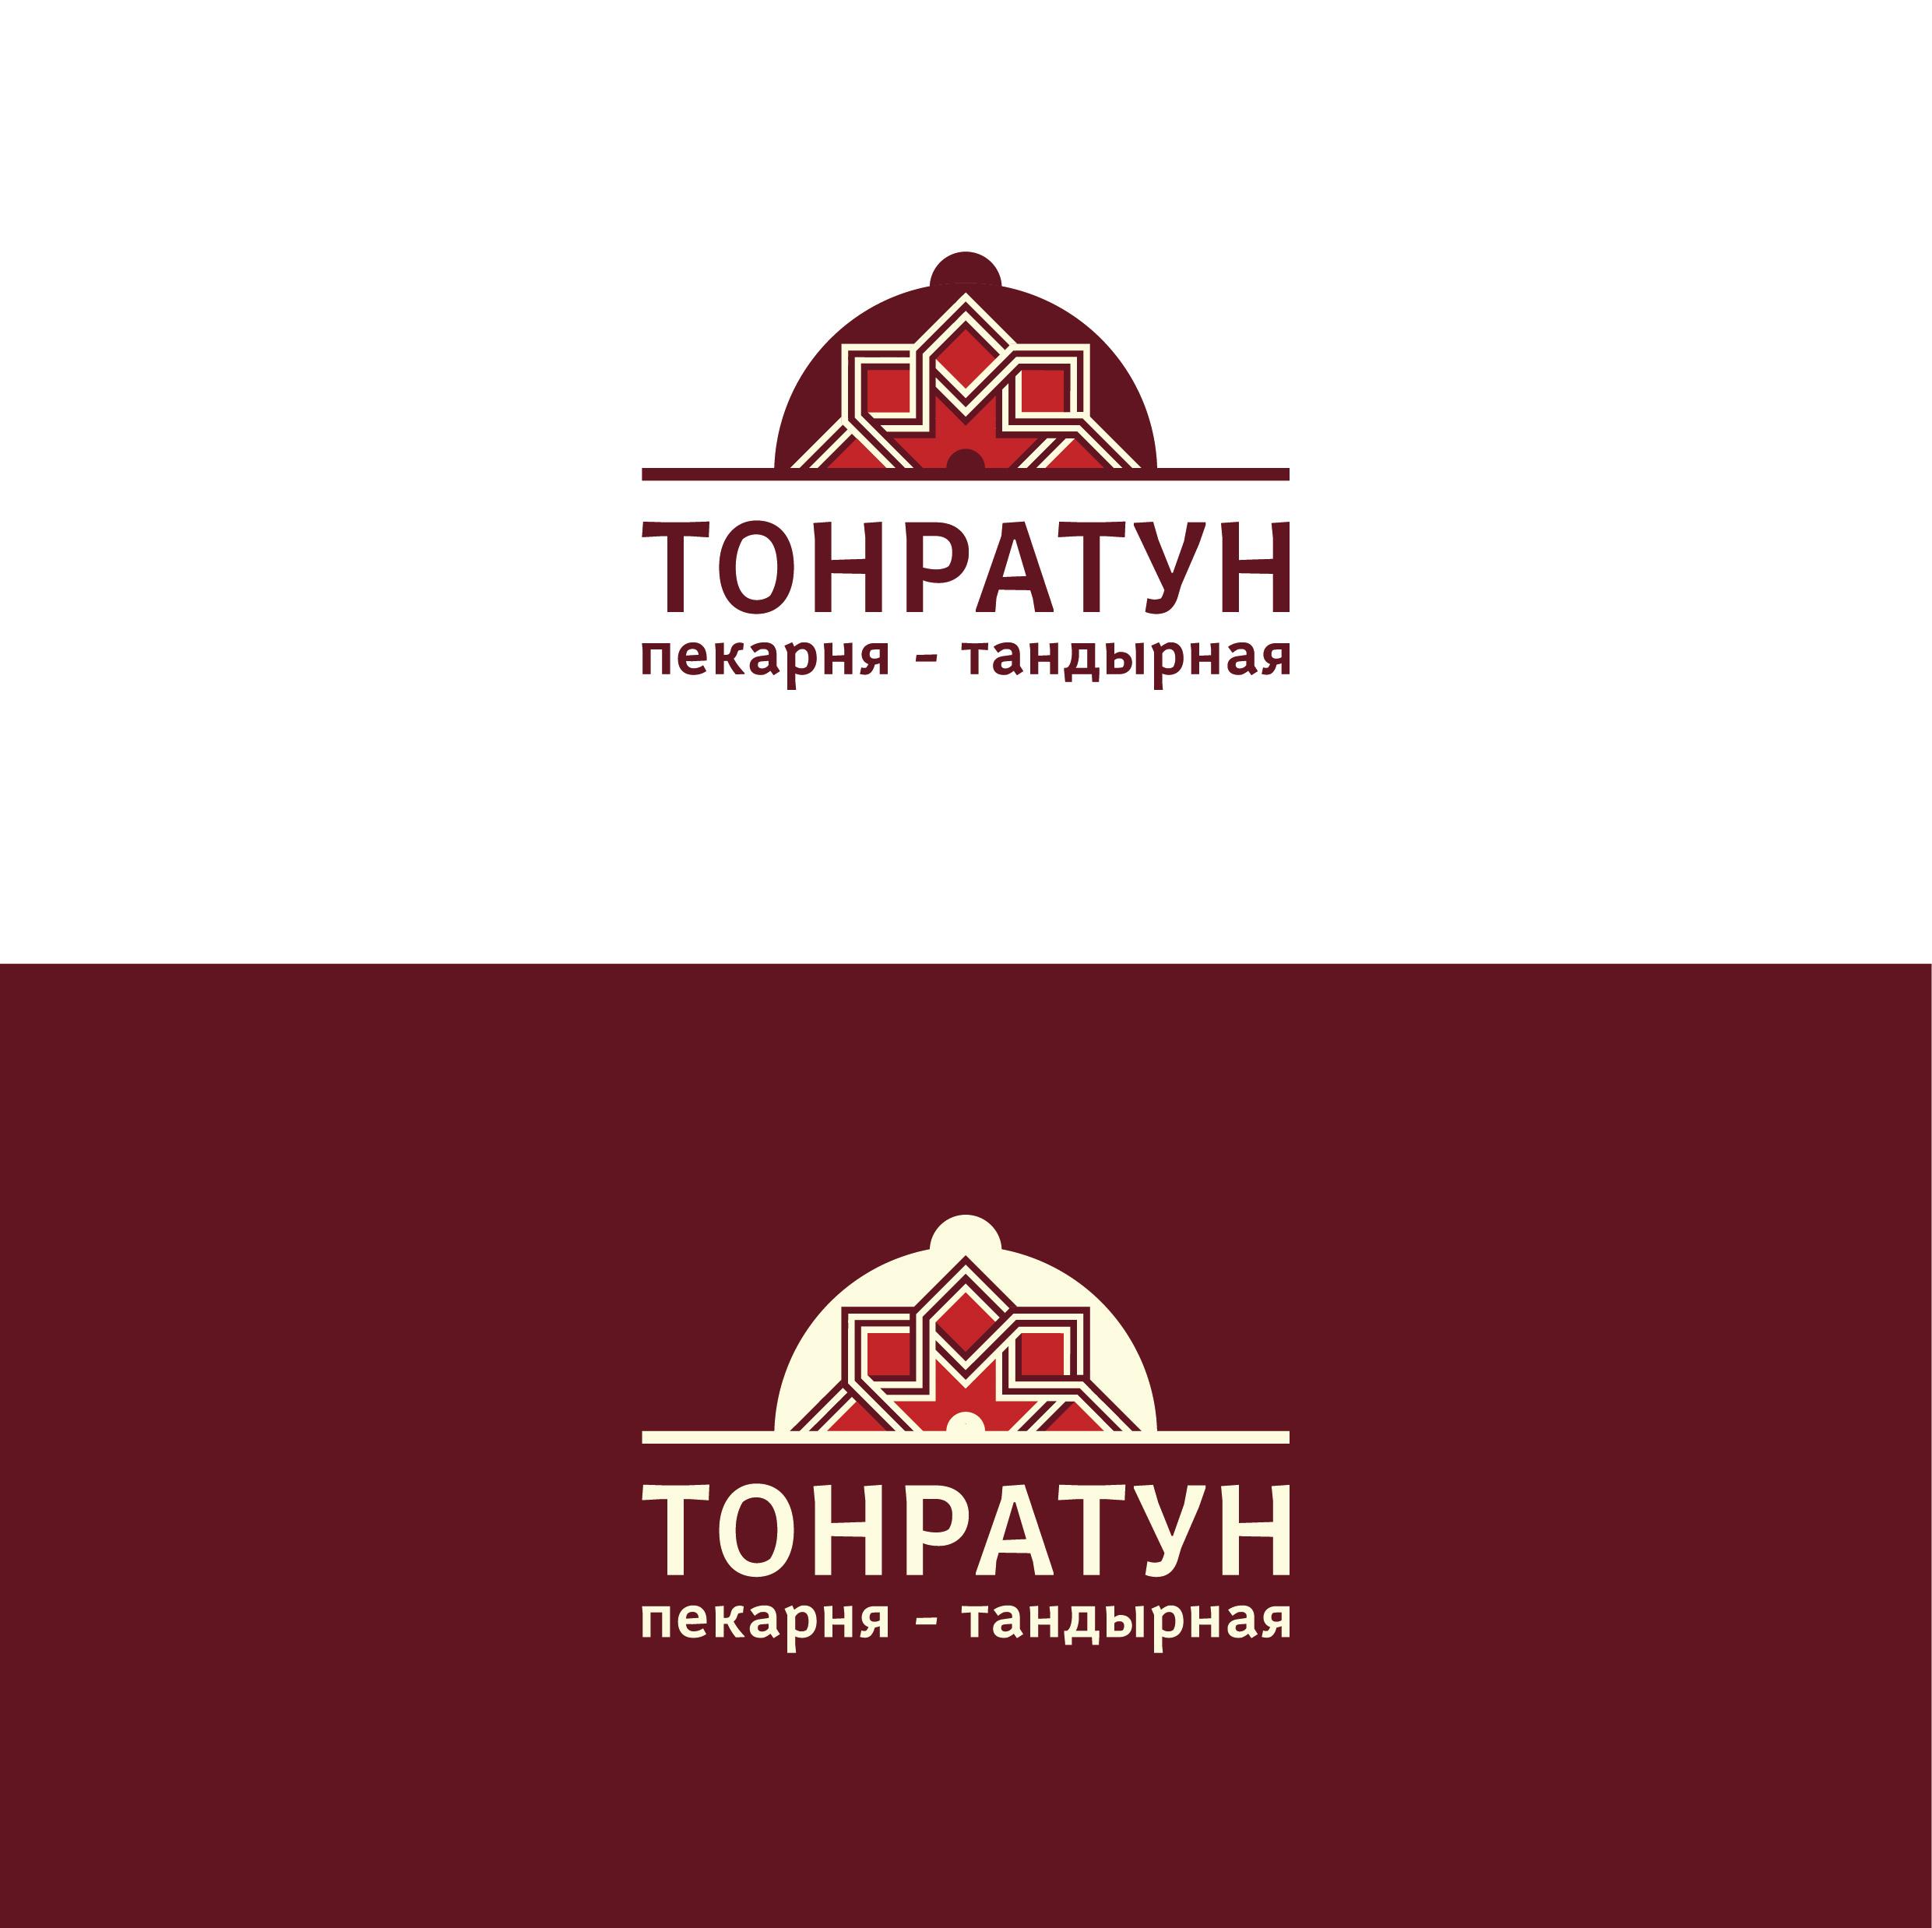 Логотип для Пекарни-Тандырной  фото f_5655d90cd0b4fc0a.jpg